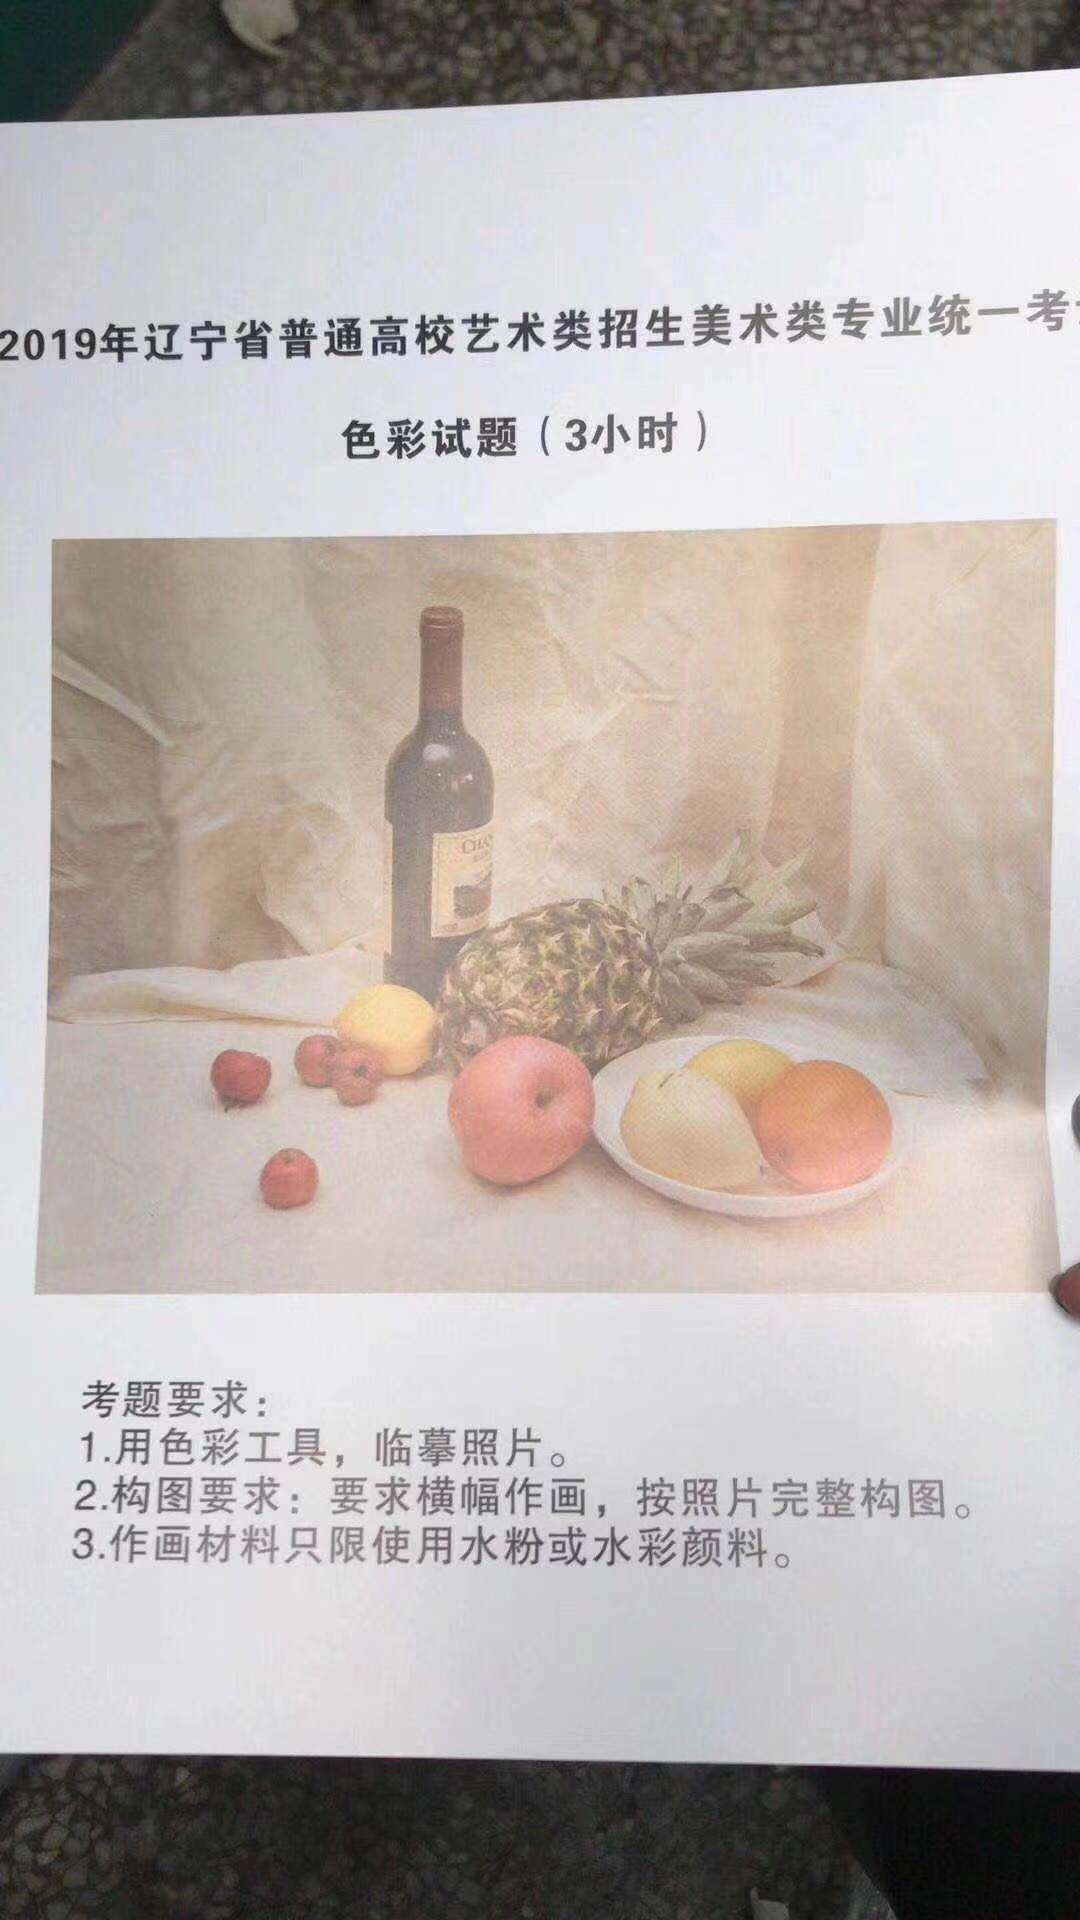 辽宁:2019年美术统考考题及优秀范画